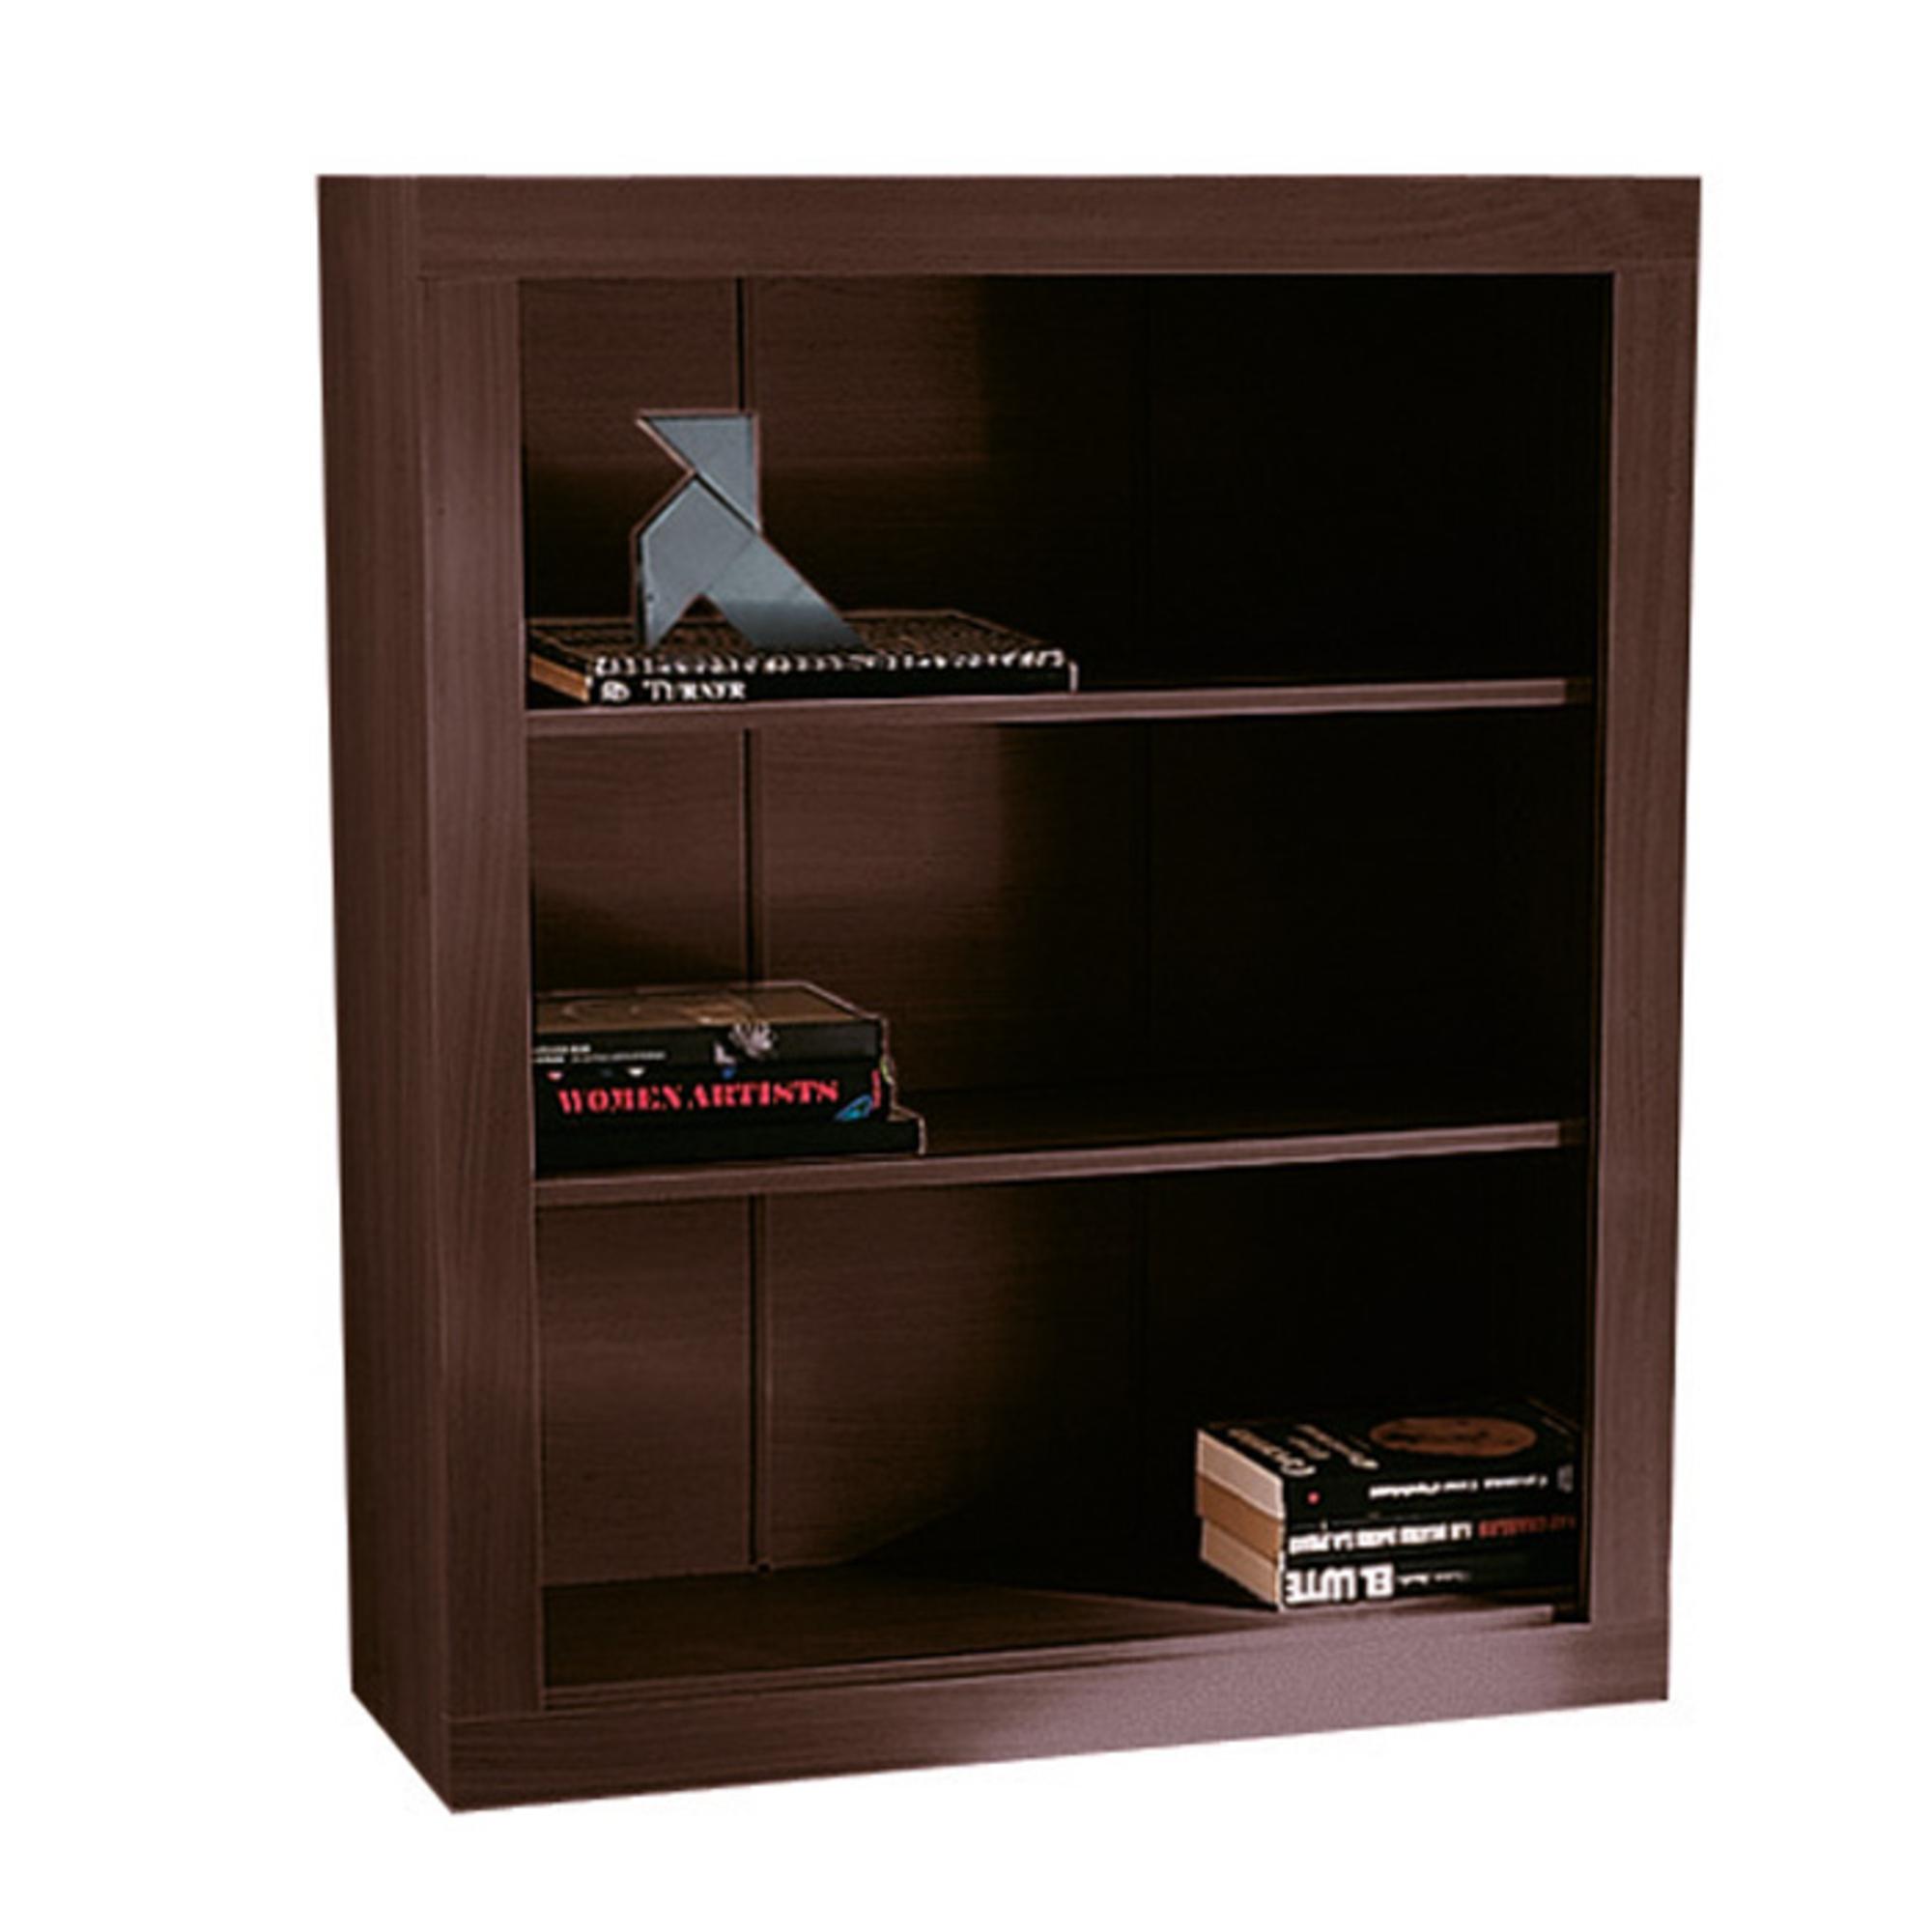 biblioth que hauteur 100 cm oxo weng frais de traitement de commande offerts acheter ce. Black Bedroom Furniture Sets. Home Design Ideas